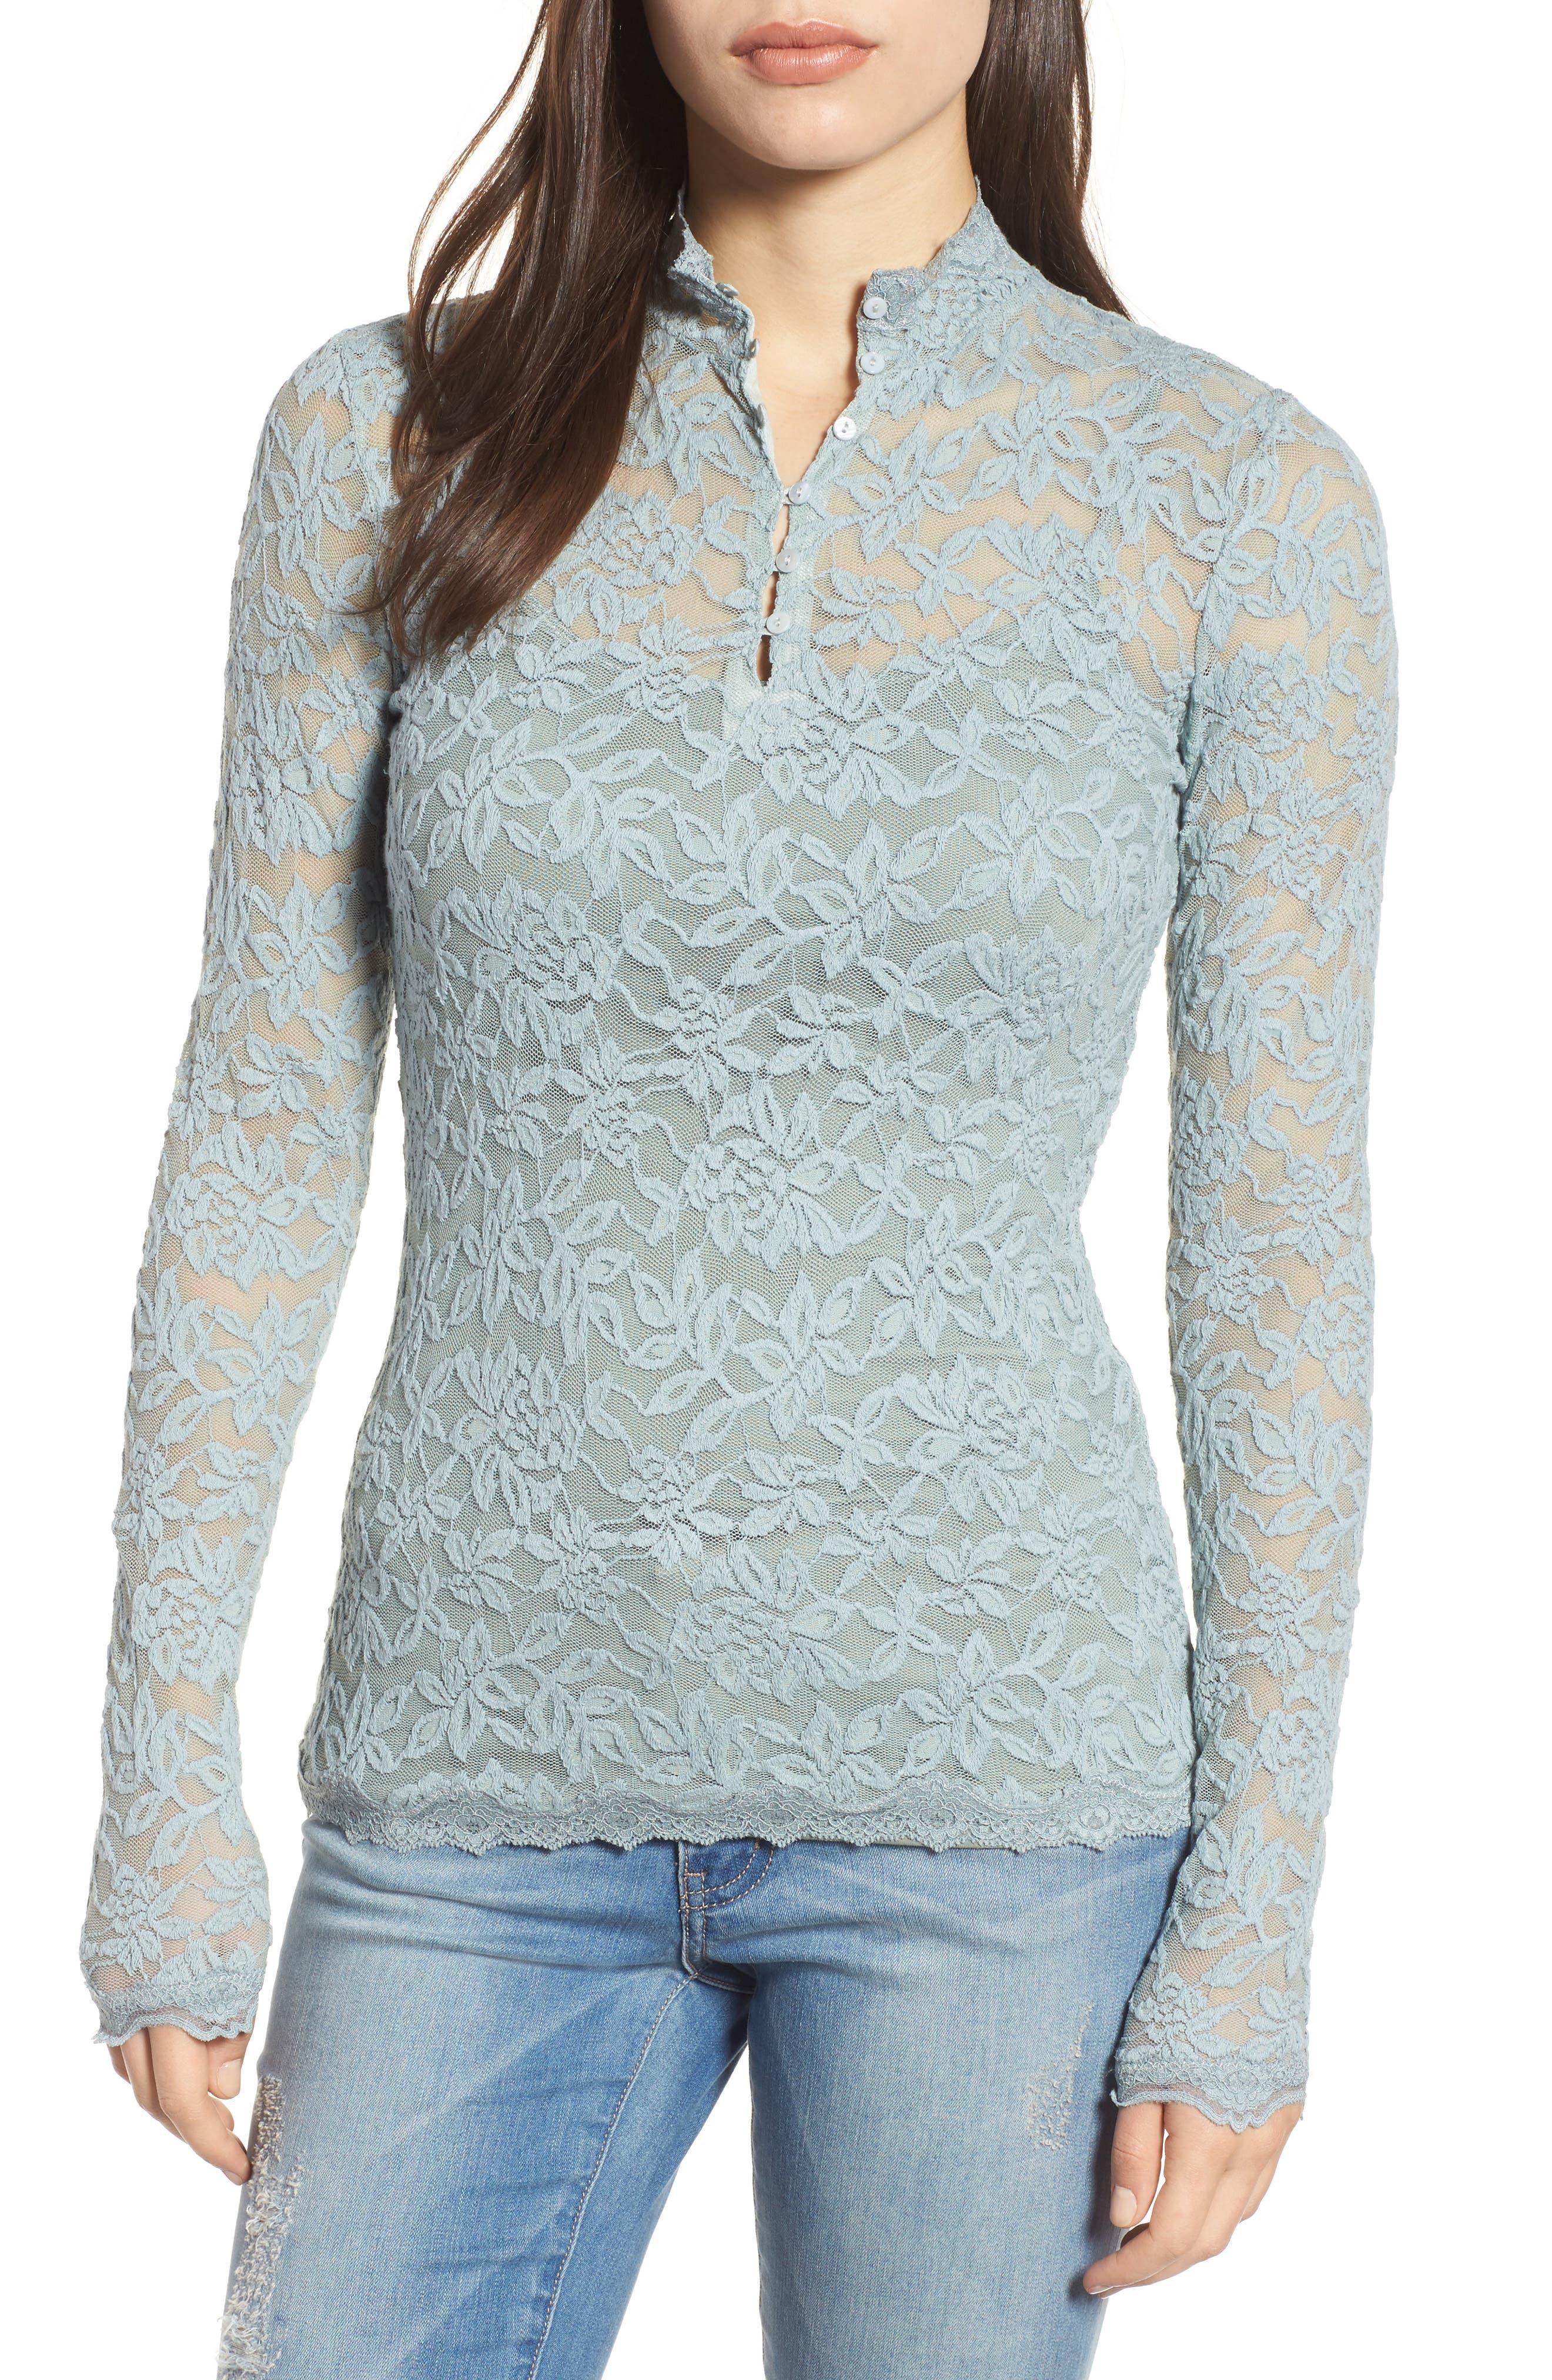 Delicia Long Sleeve Top,                             Main thumbnail 1, color,                             Puritan Grey